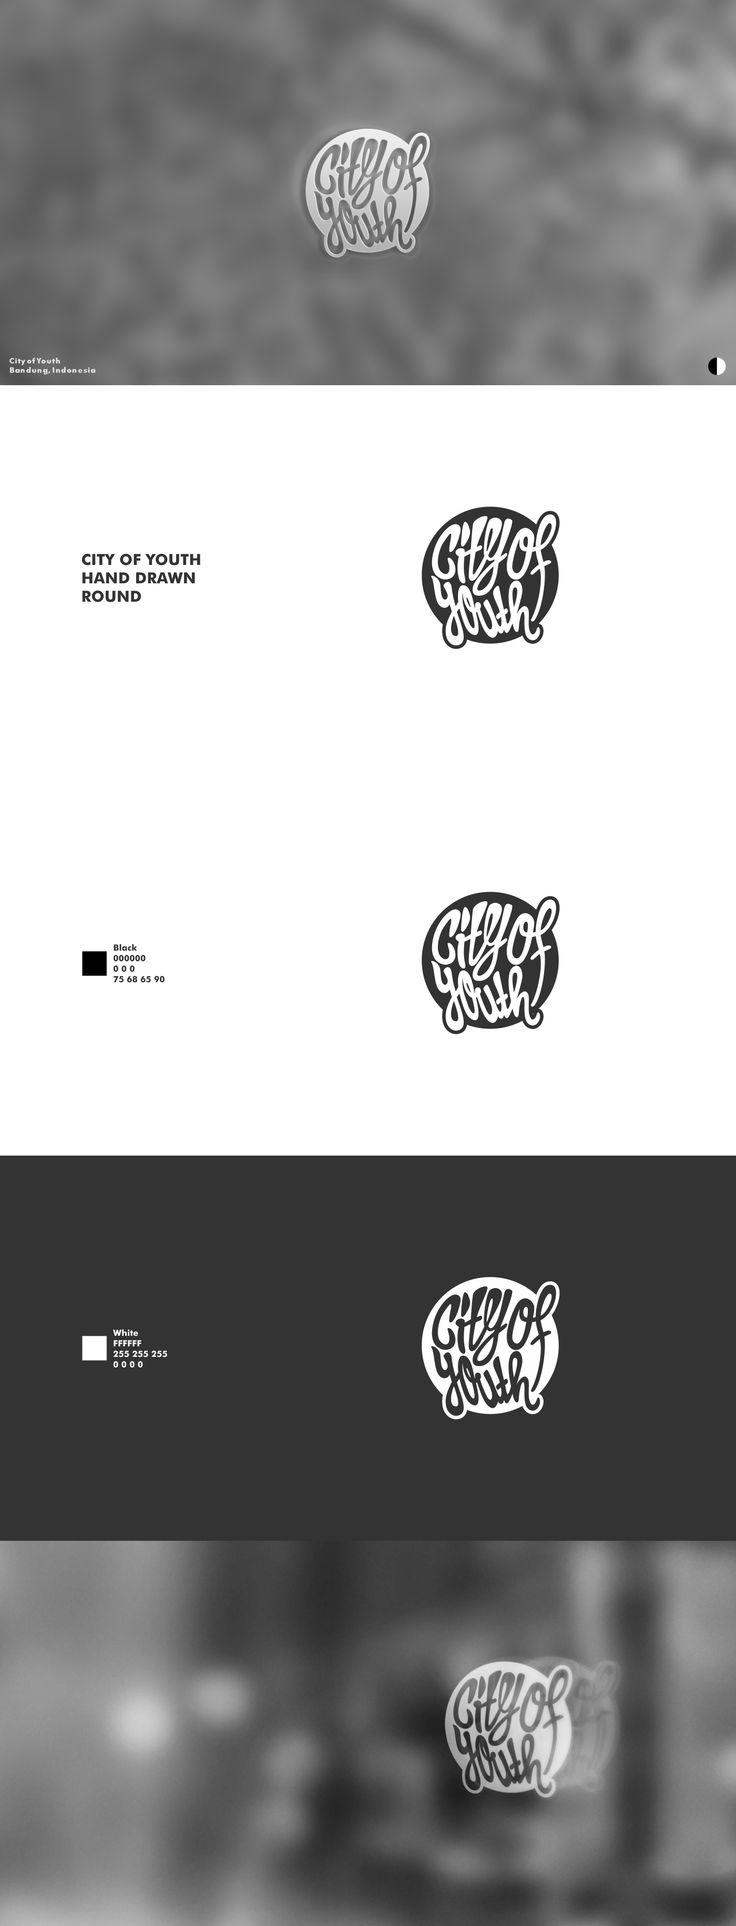 City of Youth - Visual Identity #visual #identity #visualidentity #logo #graphic #design #graphicdesign #digitalart #presentation #portfolio